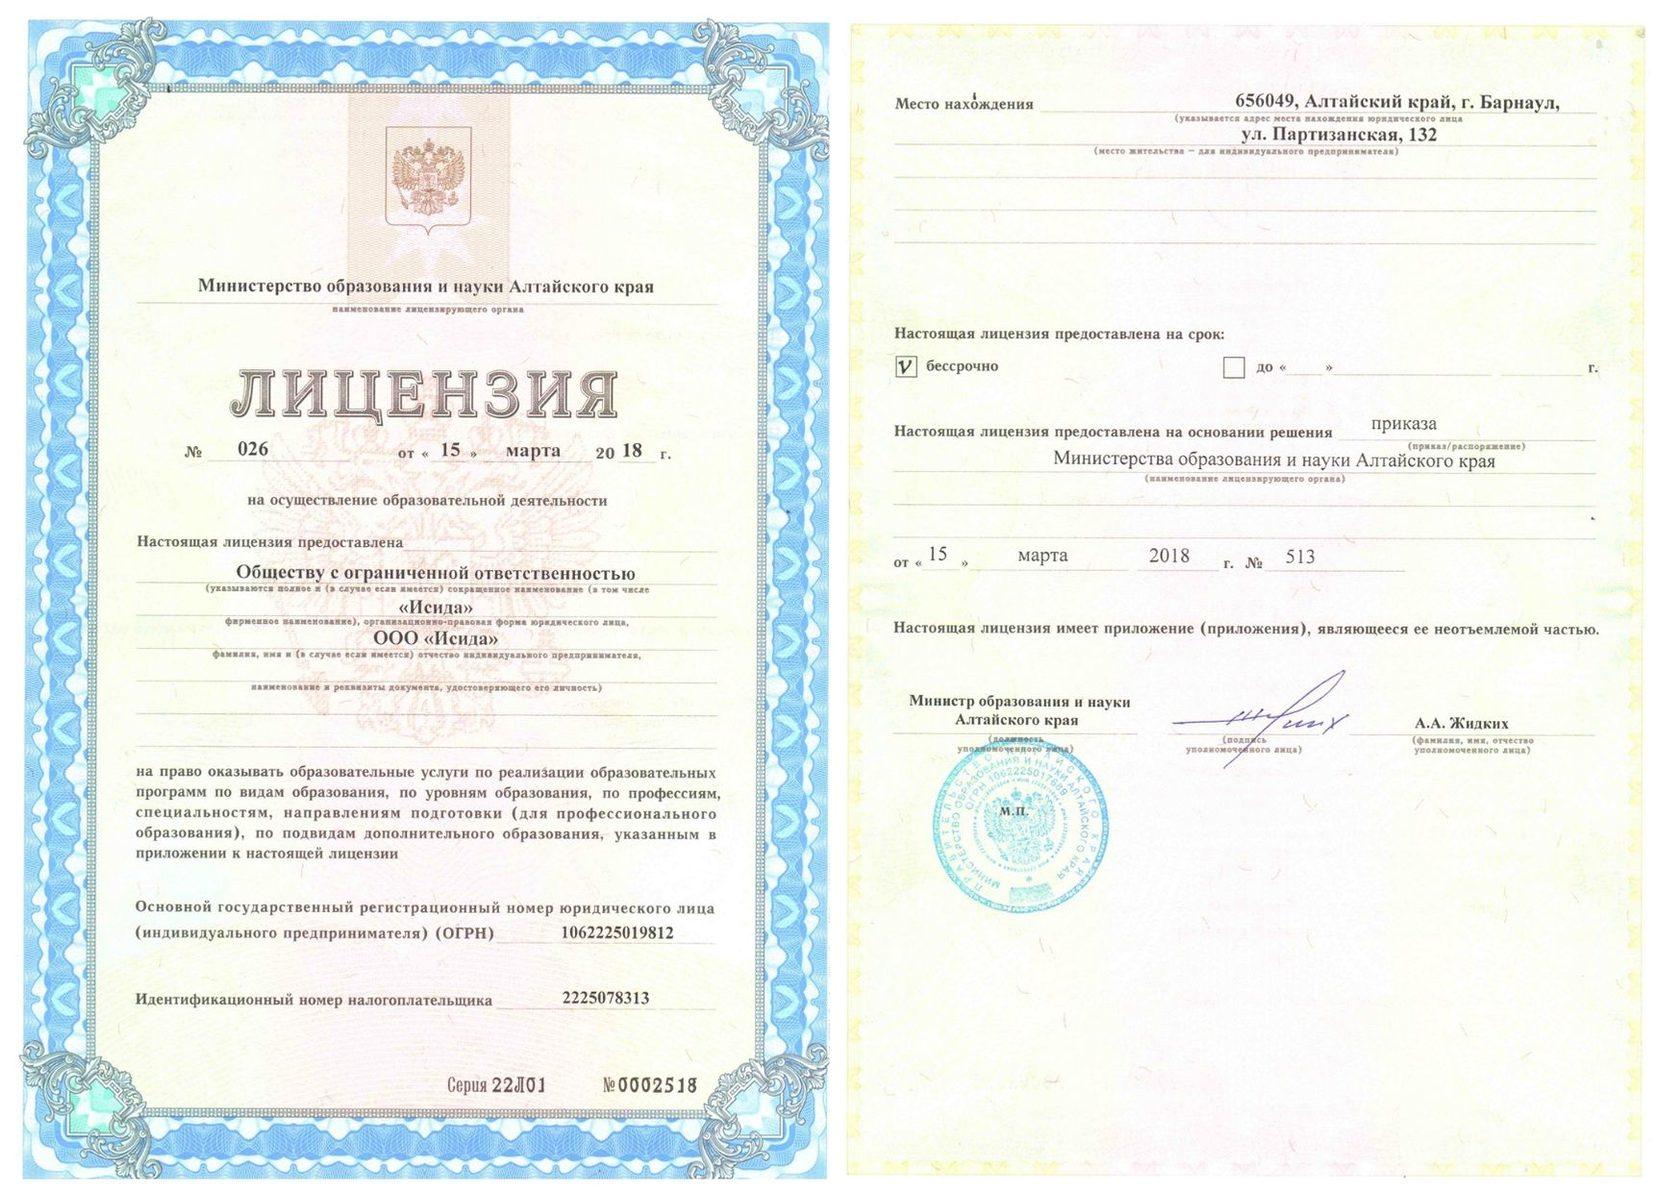 Бухгалтерские услуги лицензия анализная карта зерна бланк